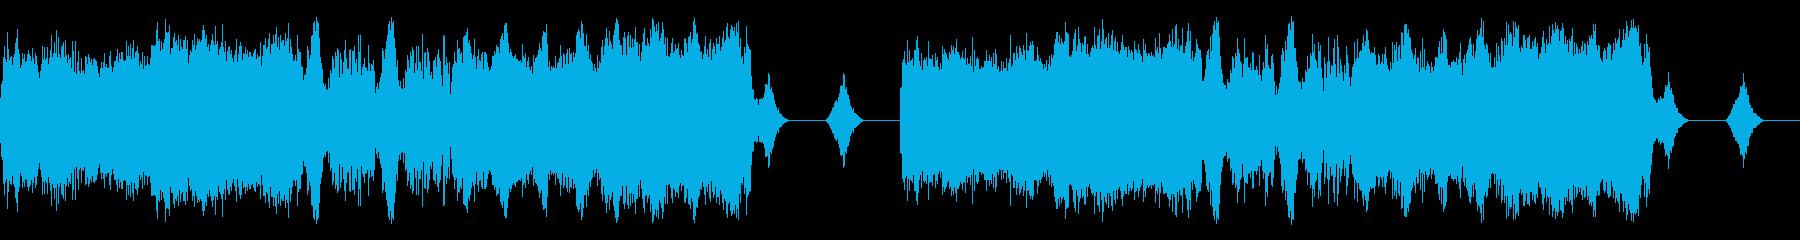 【ドラム抜き】シリアスな宇宙っぽいエピ…の再生済みの波形